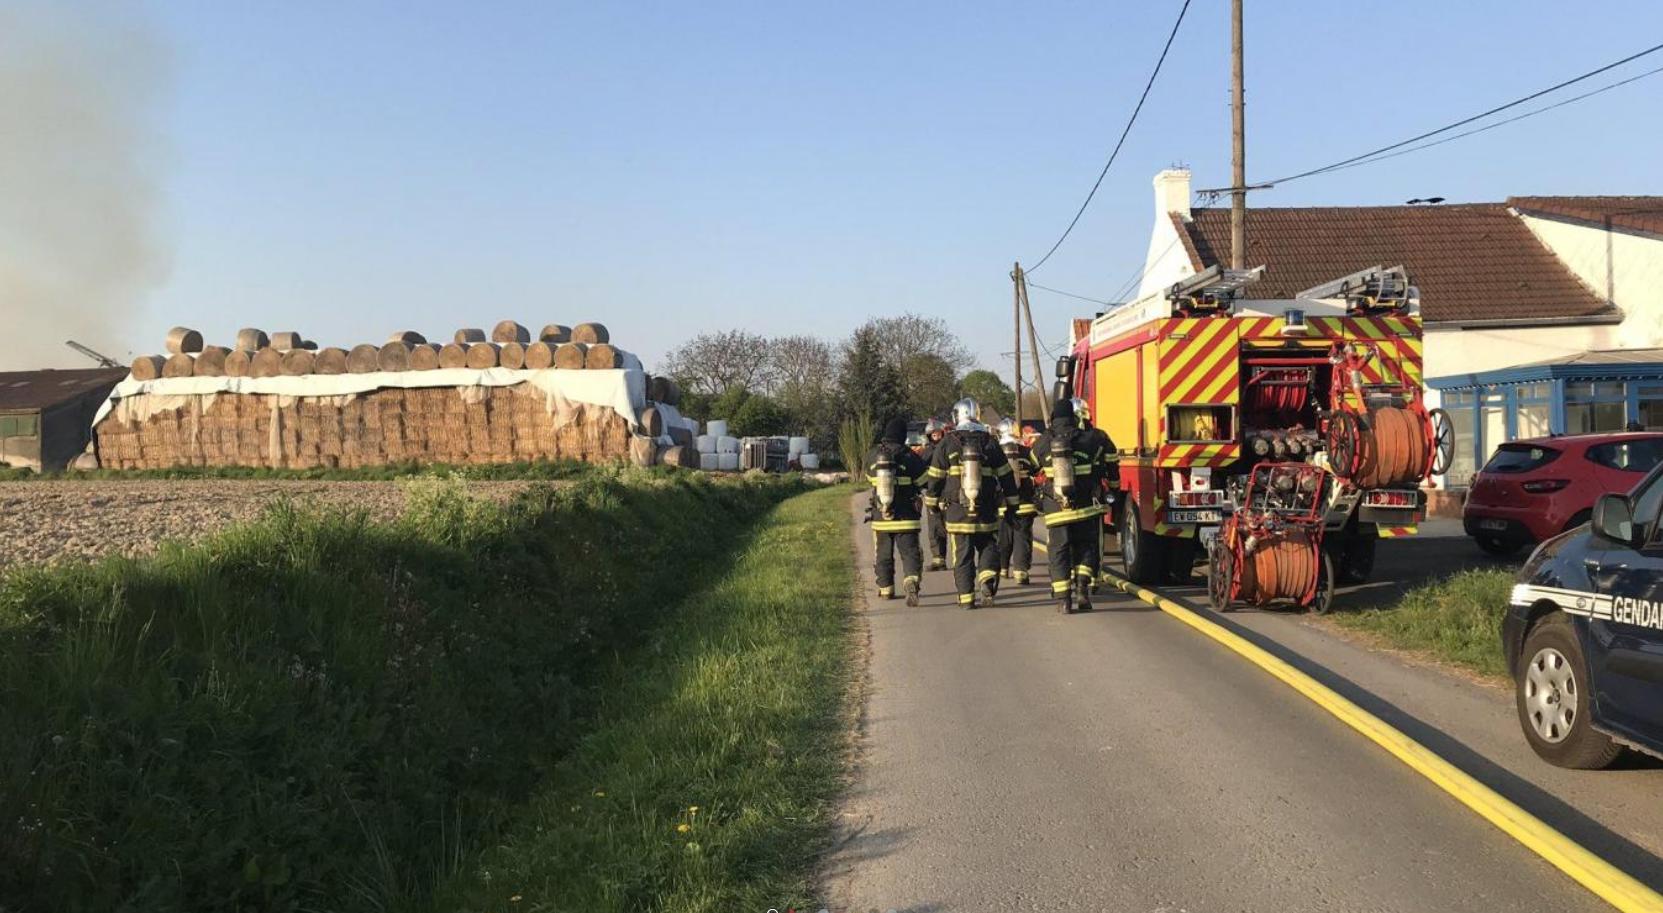 🇫🇷 Rumegies (59): Un feu de ferme tue 6 bovins et blesse 2 personnes